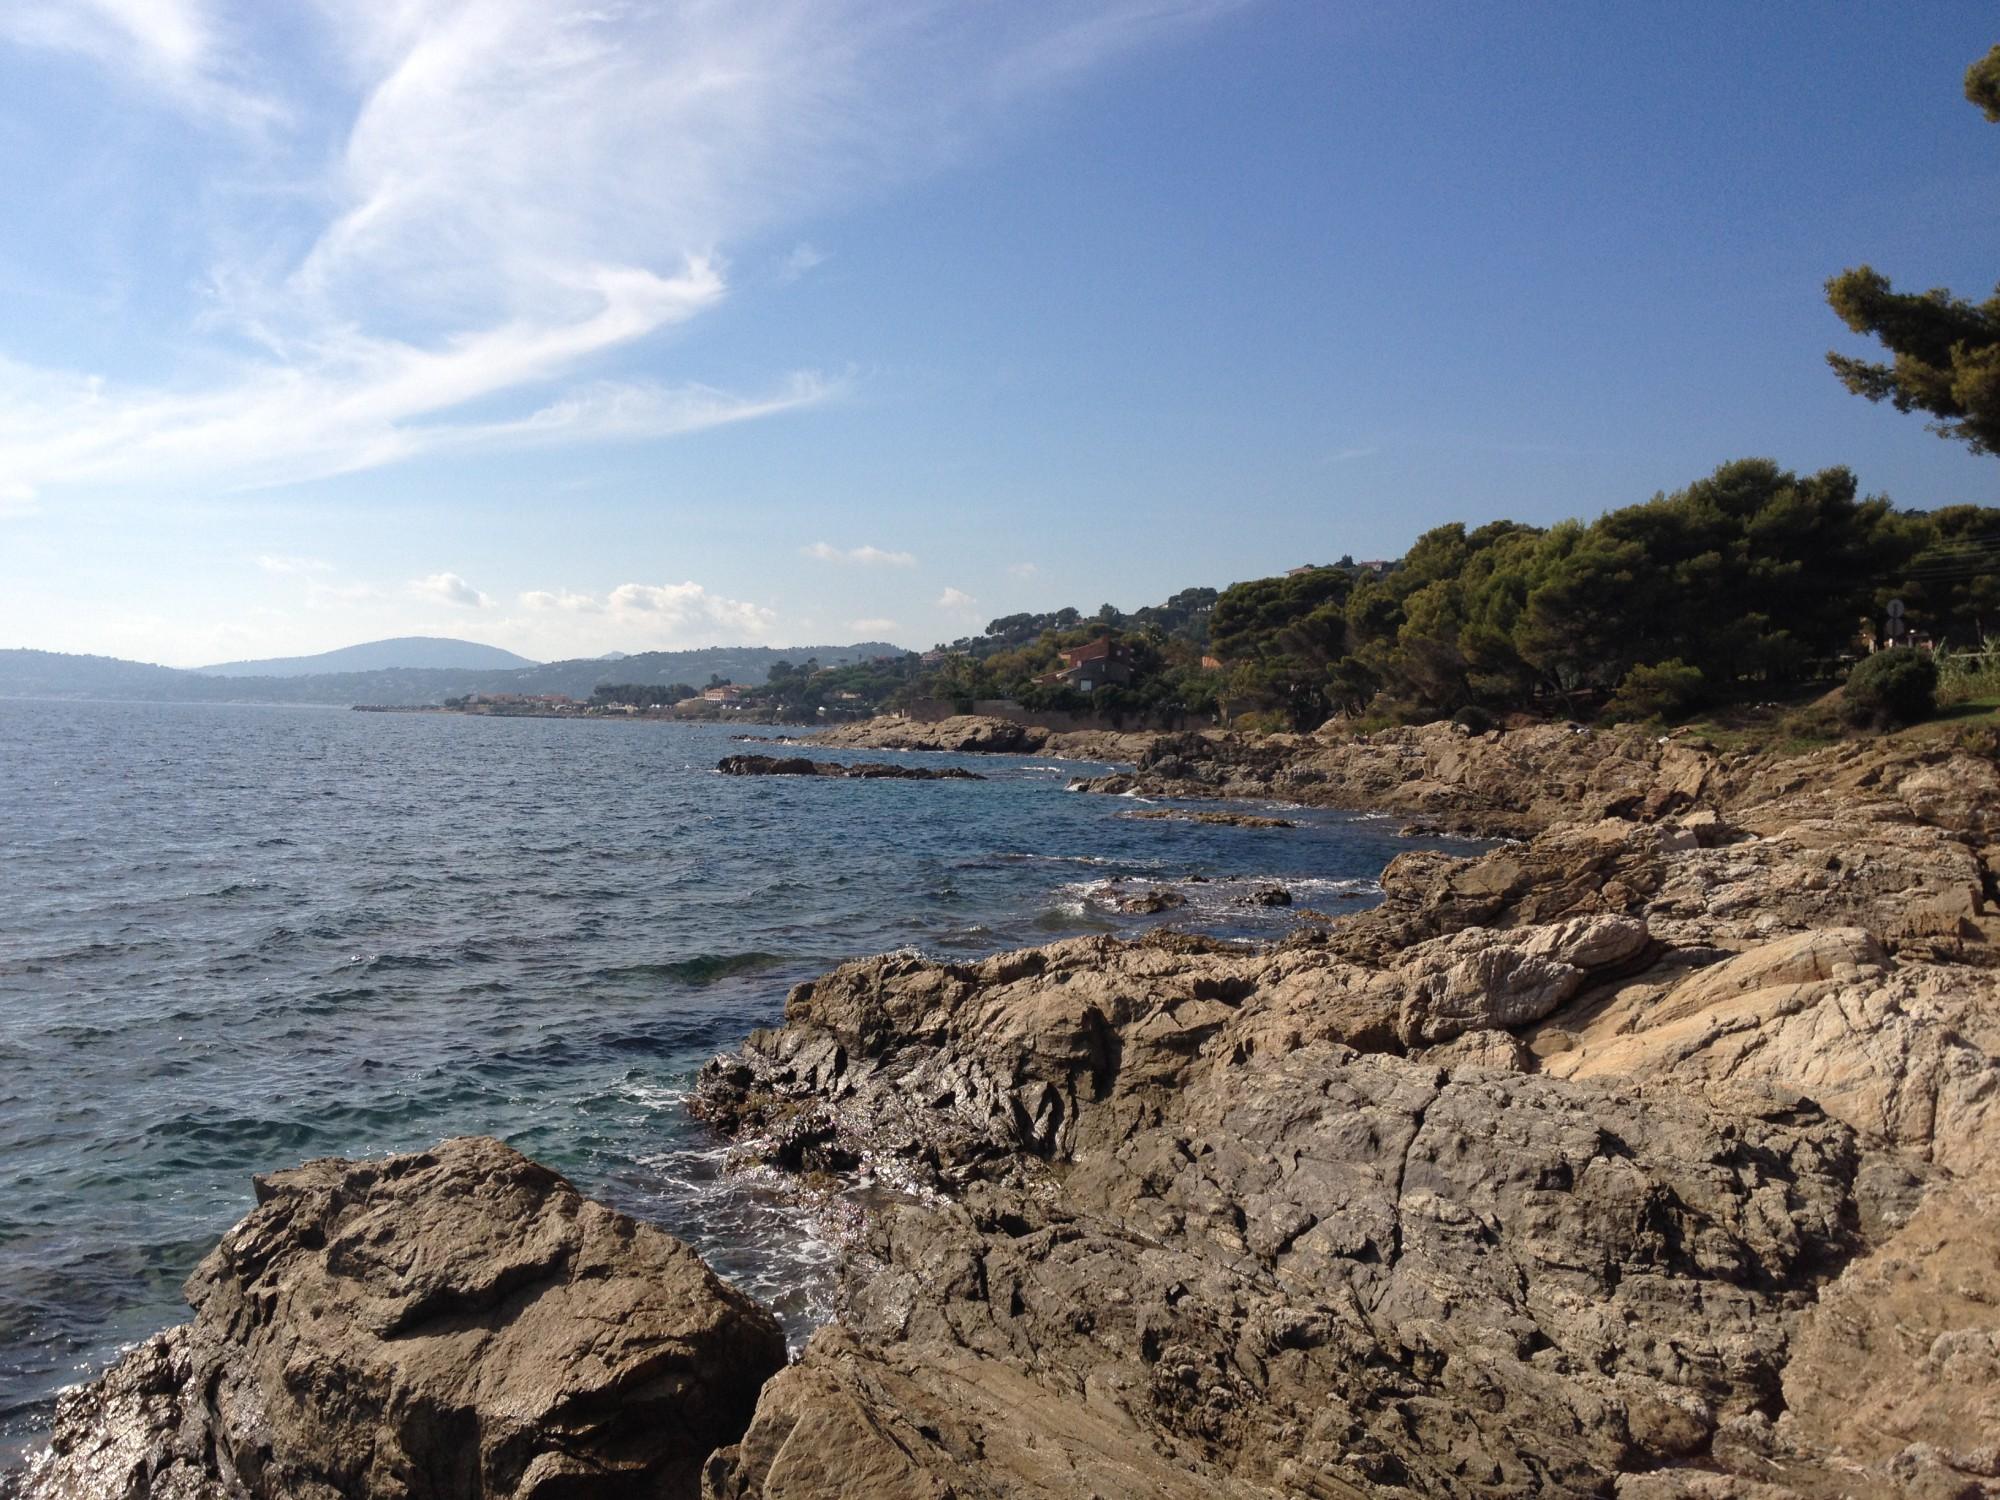 Le sentier du littoral